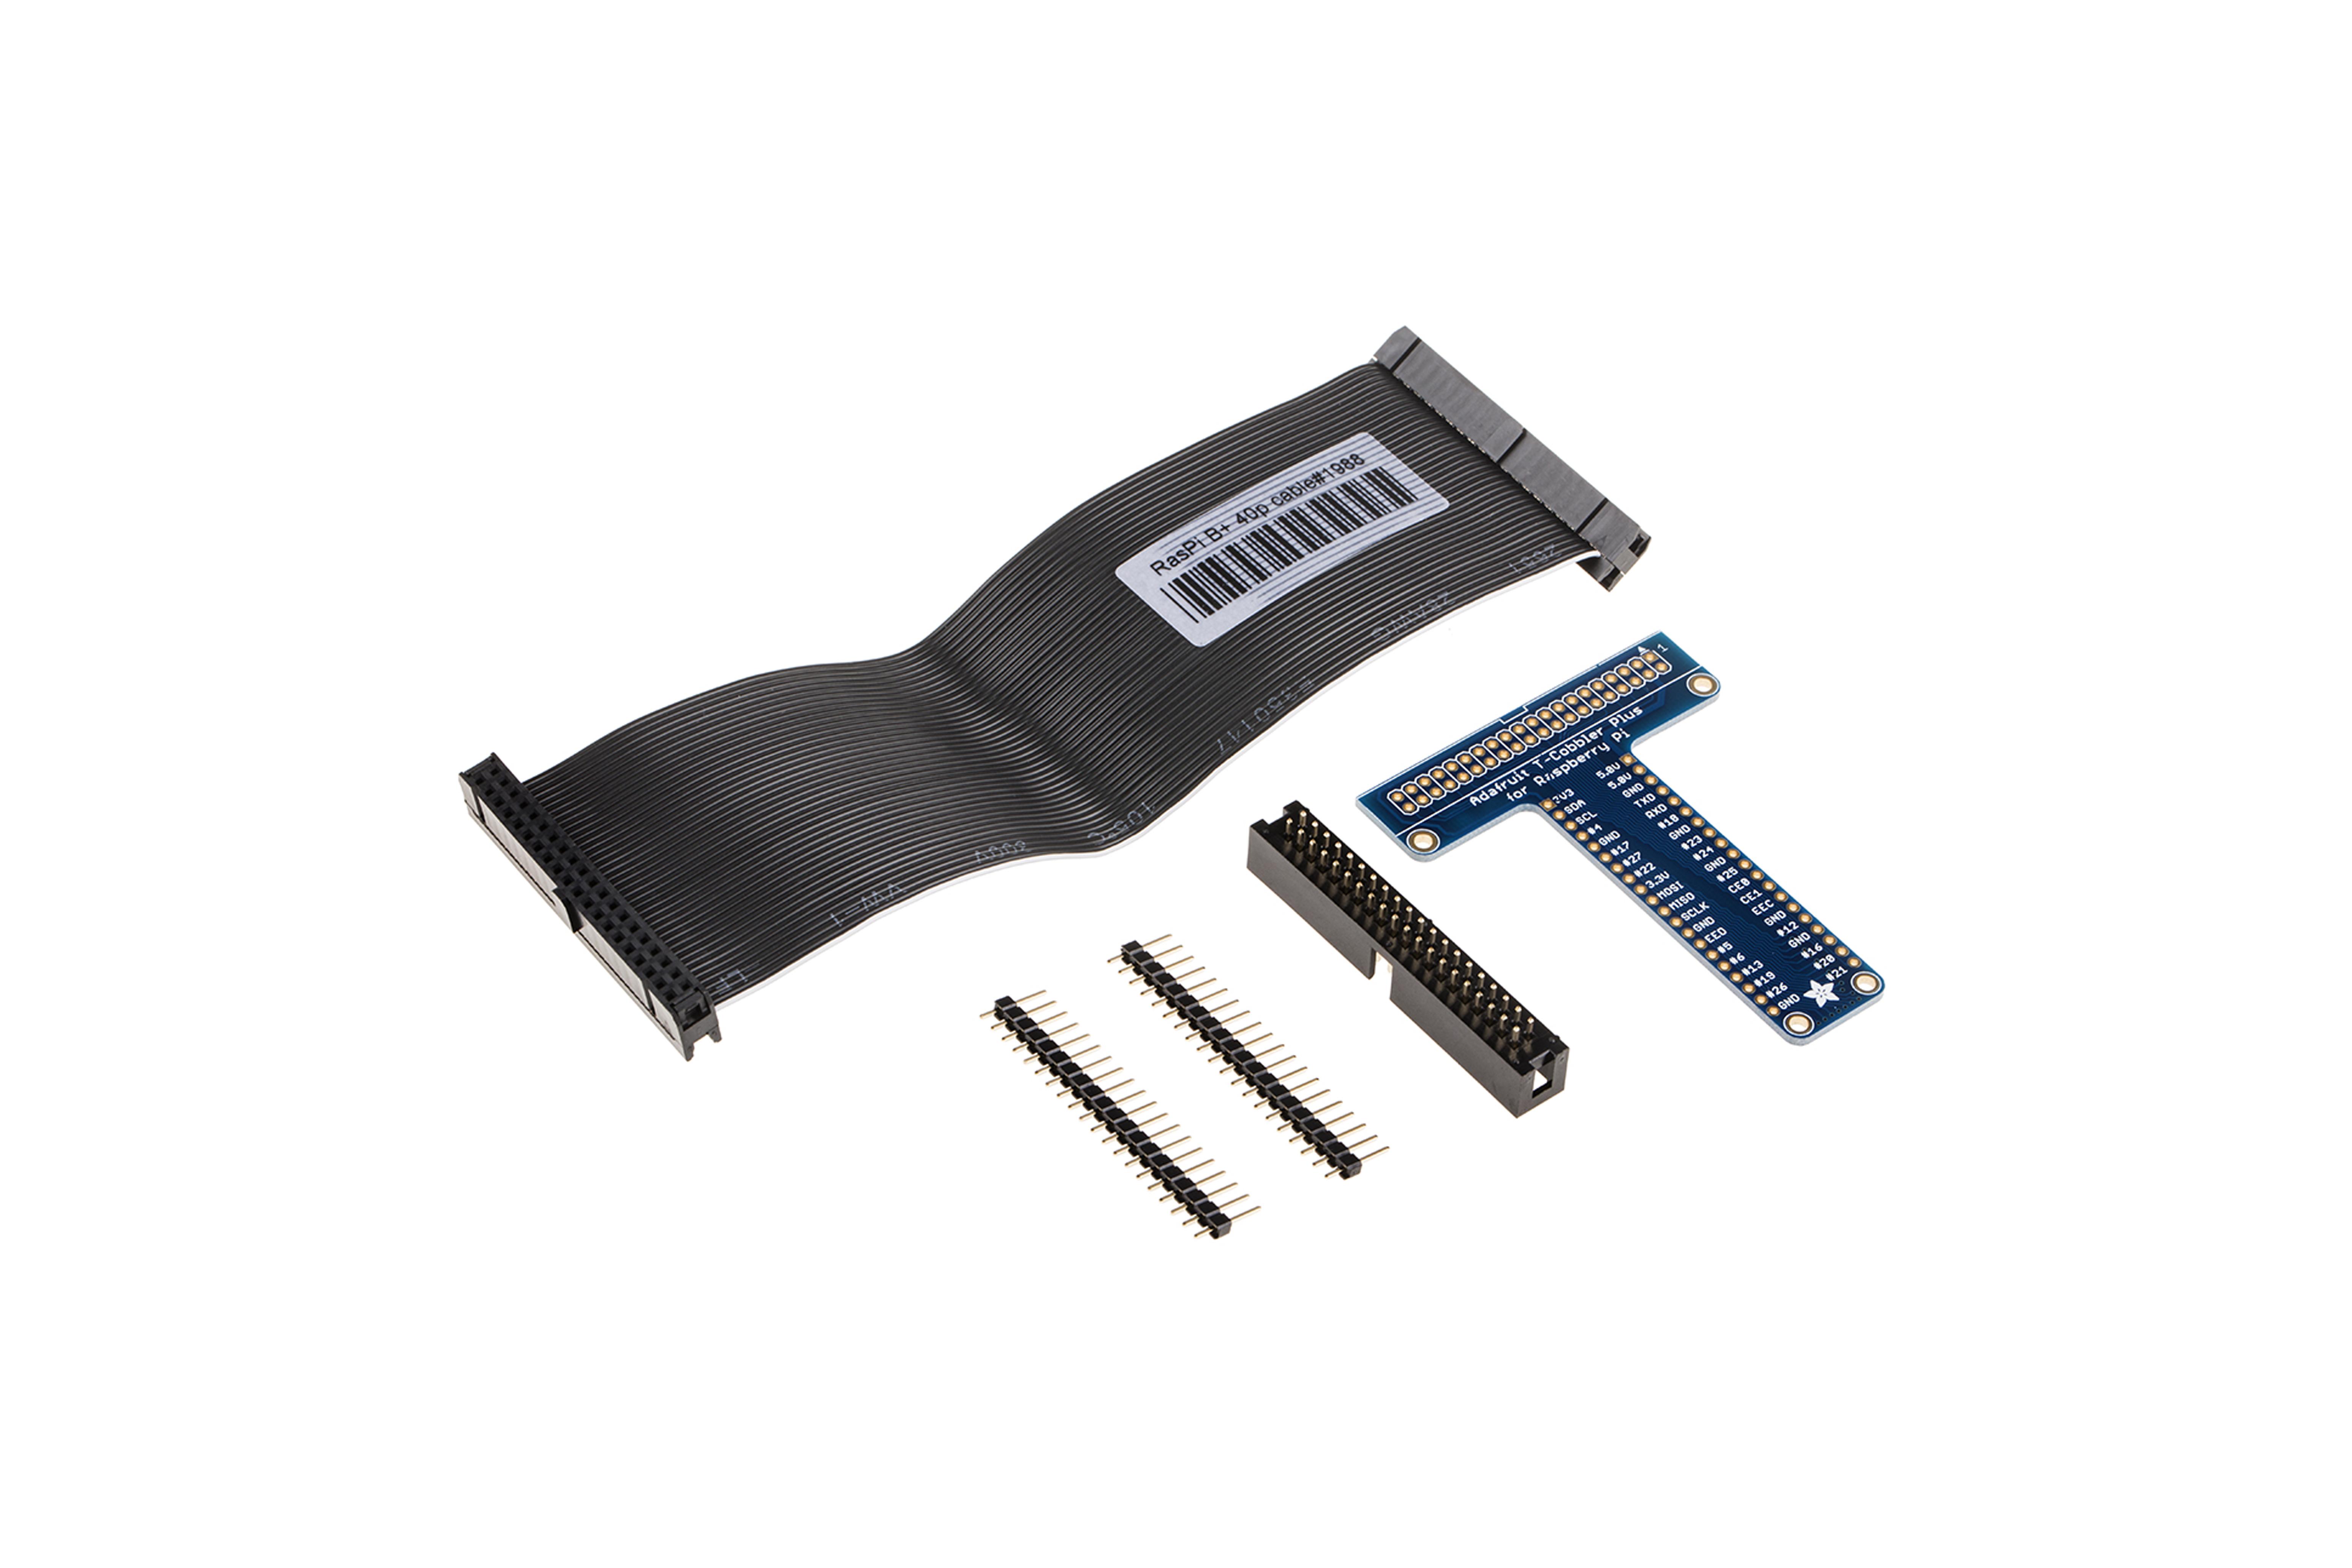 Kit de circuit imprimé Pi T-Cobbler pour R Pi A+/B+